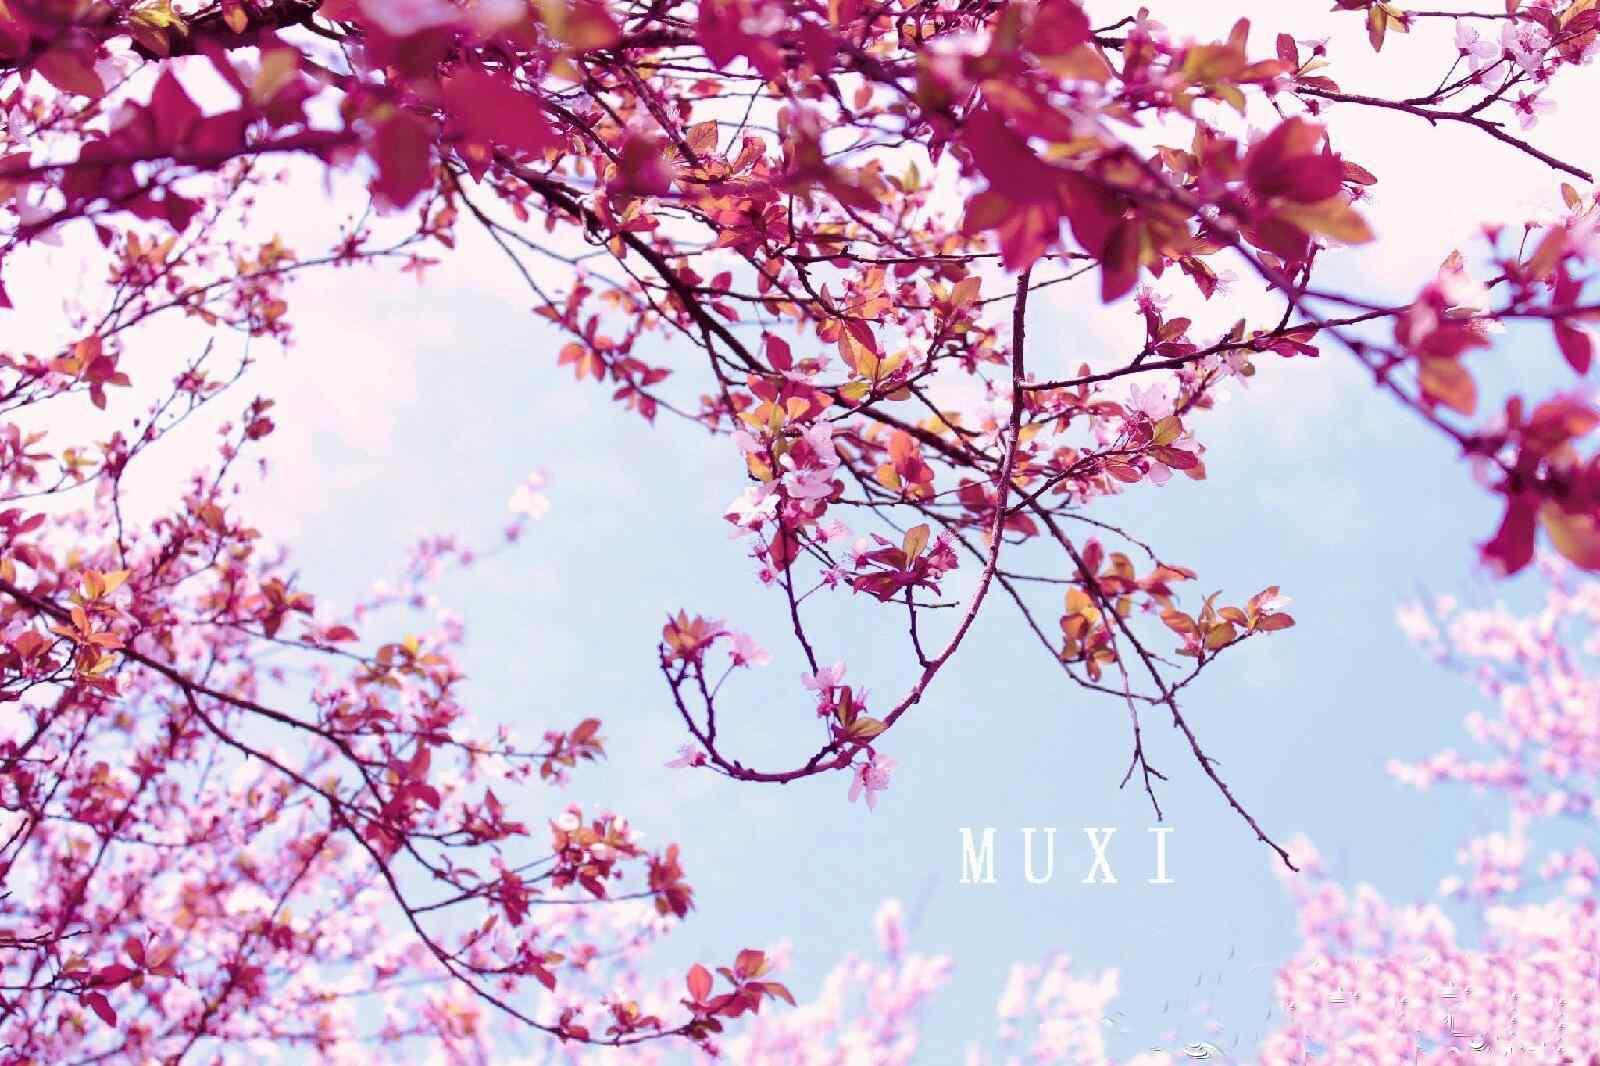 桃花绍兴著名景点吼山桃花林桌面壁纸